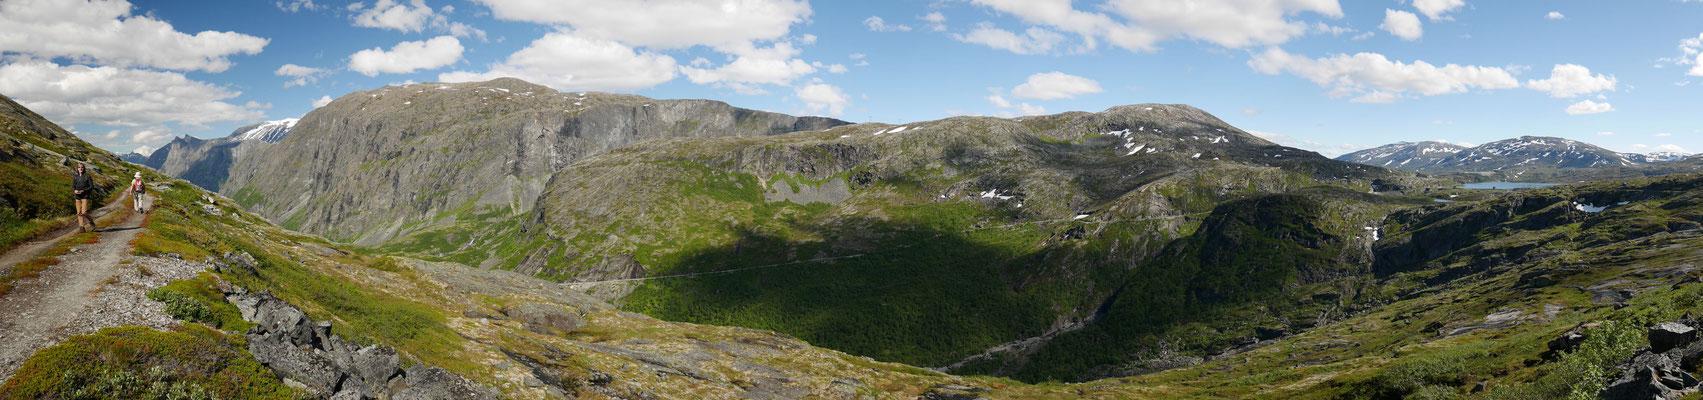 Jembane-Trasse-Panorama, rechts noch der Osvatnet im Hochland